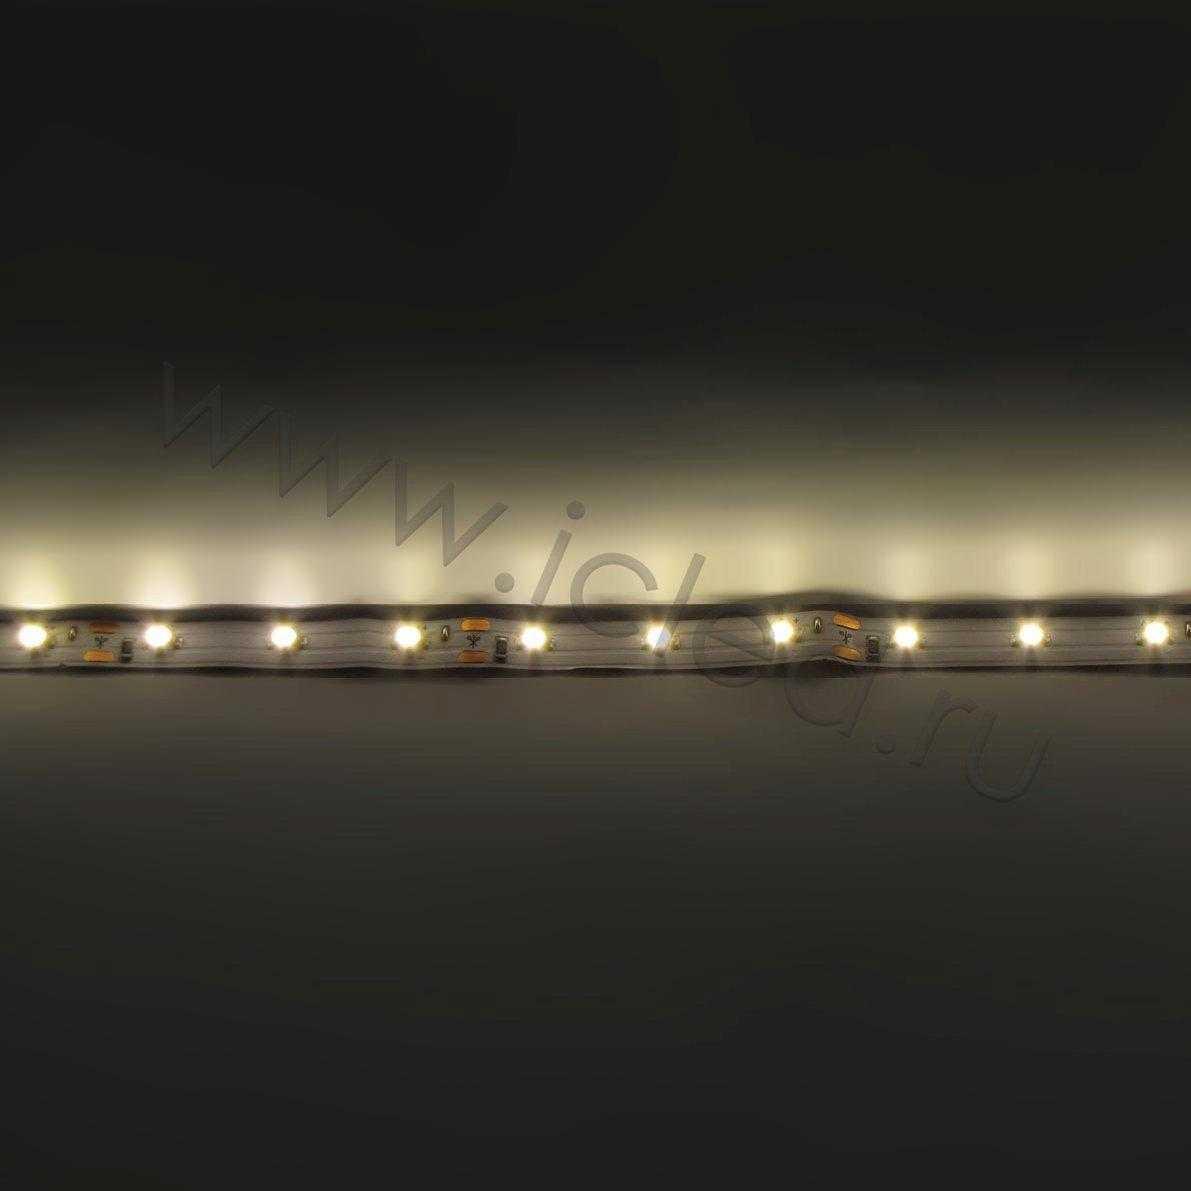 Светодиодная лента Class High, 3528, 60 led/m, White,12V, IP33.